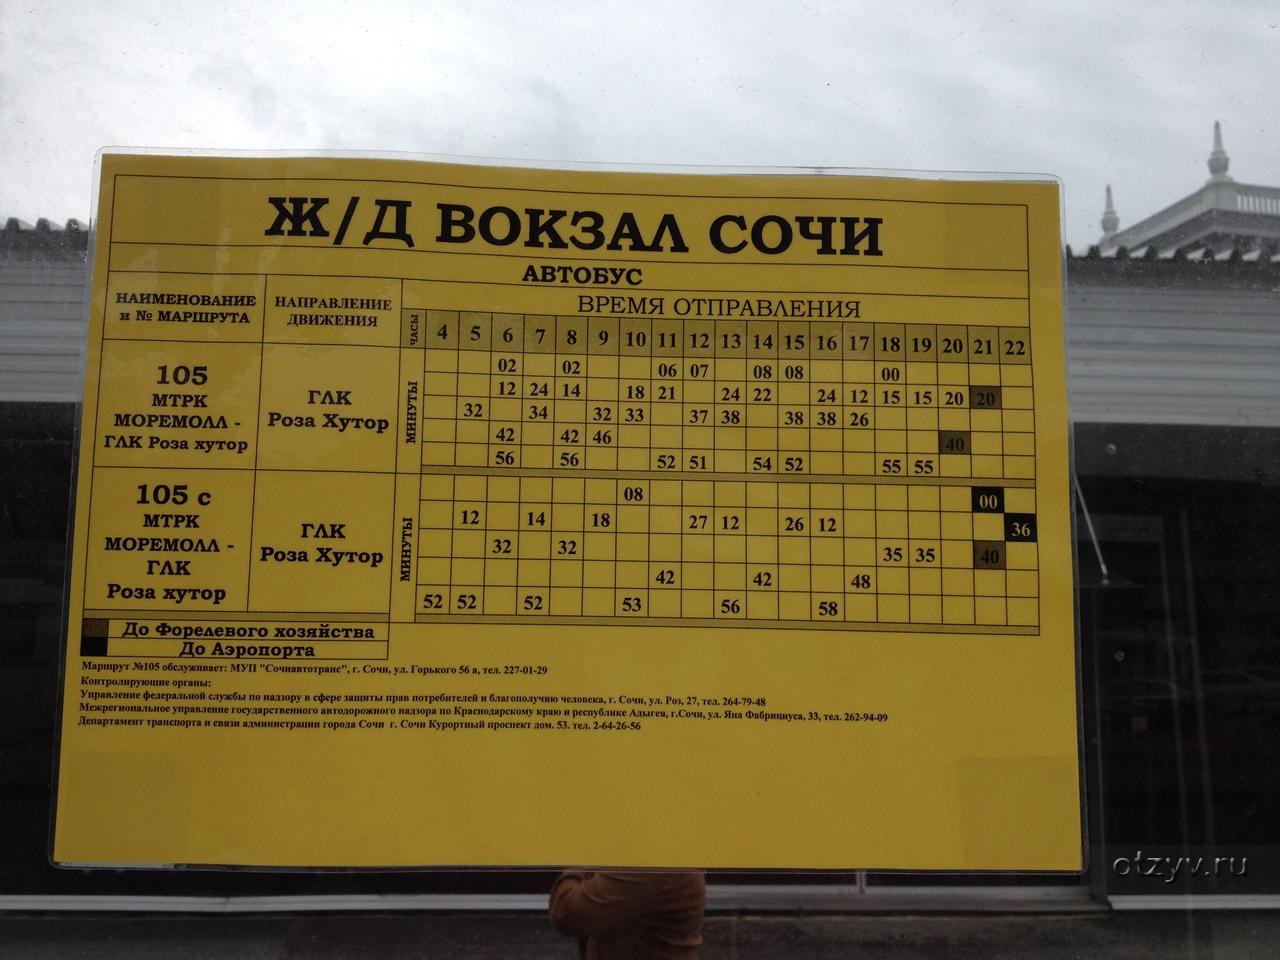 России расписание 105 автобуса из аэропорта сочи 2017 посуды